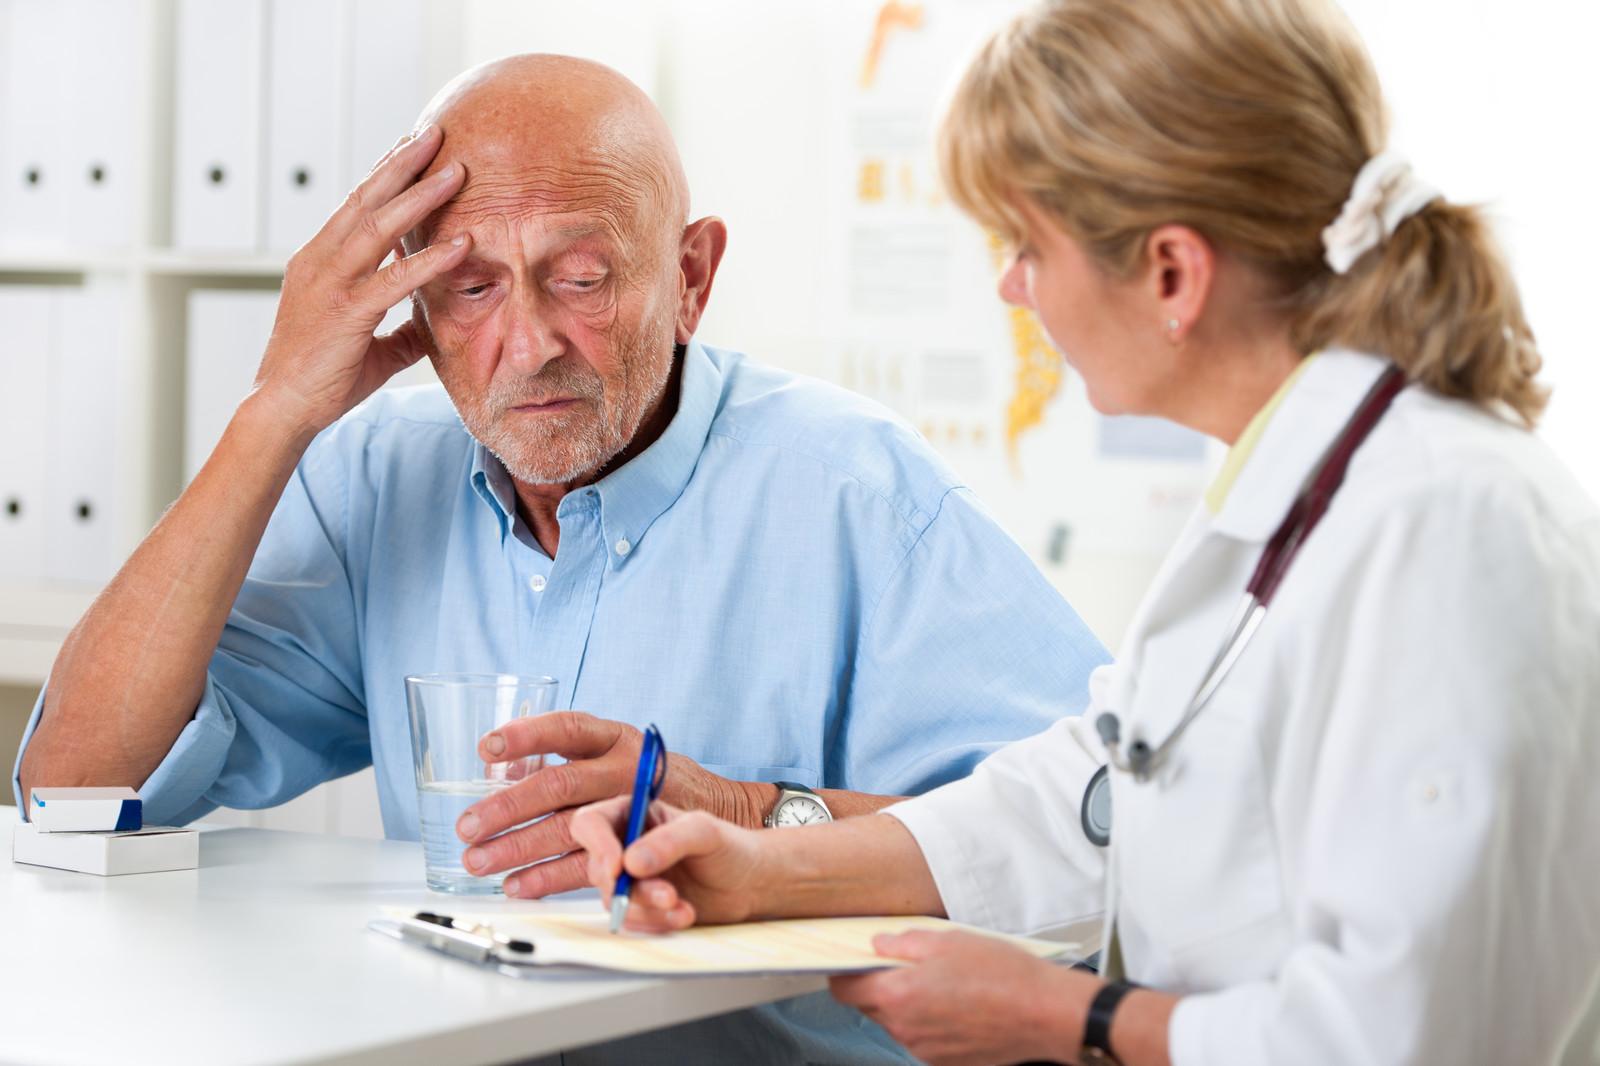 診療報酬改定、緩和ケア、認知症患者